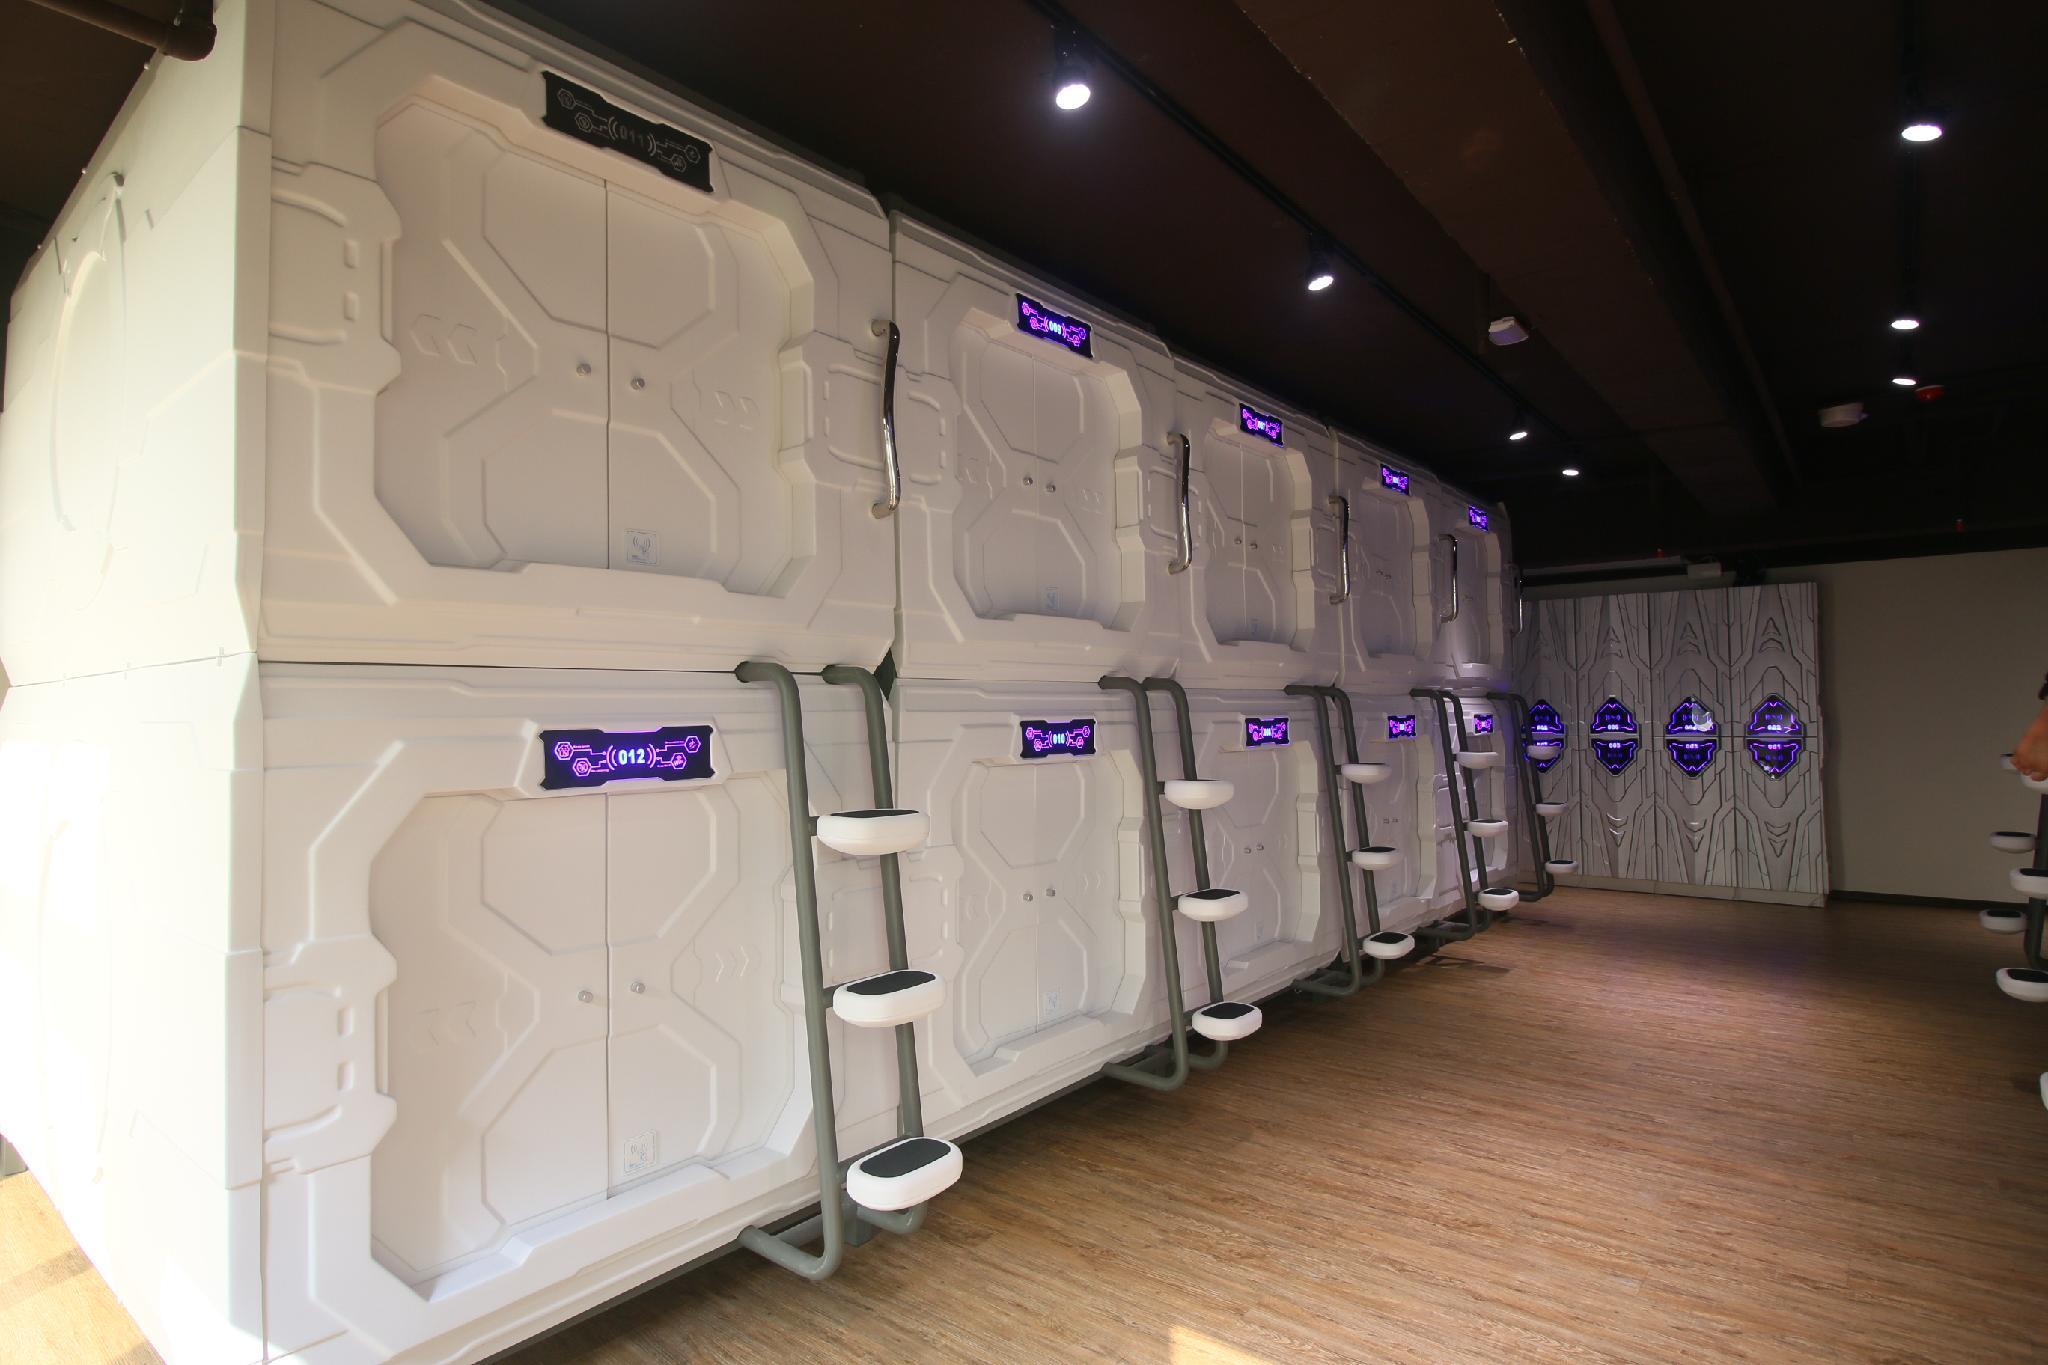 沐品居 太空旅棧   臺中市 2020年 最新優惠 TWD499 │ 點進來看照片和評論~